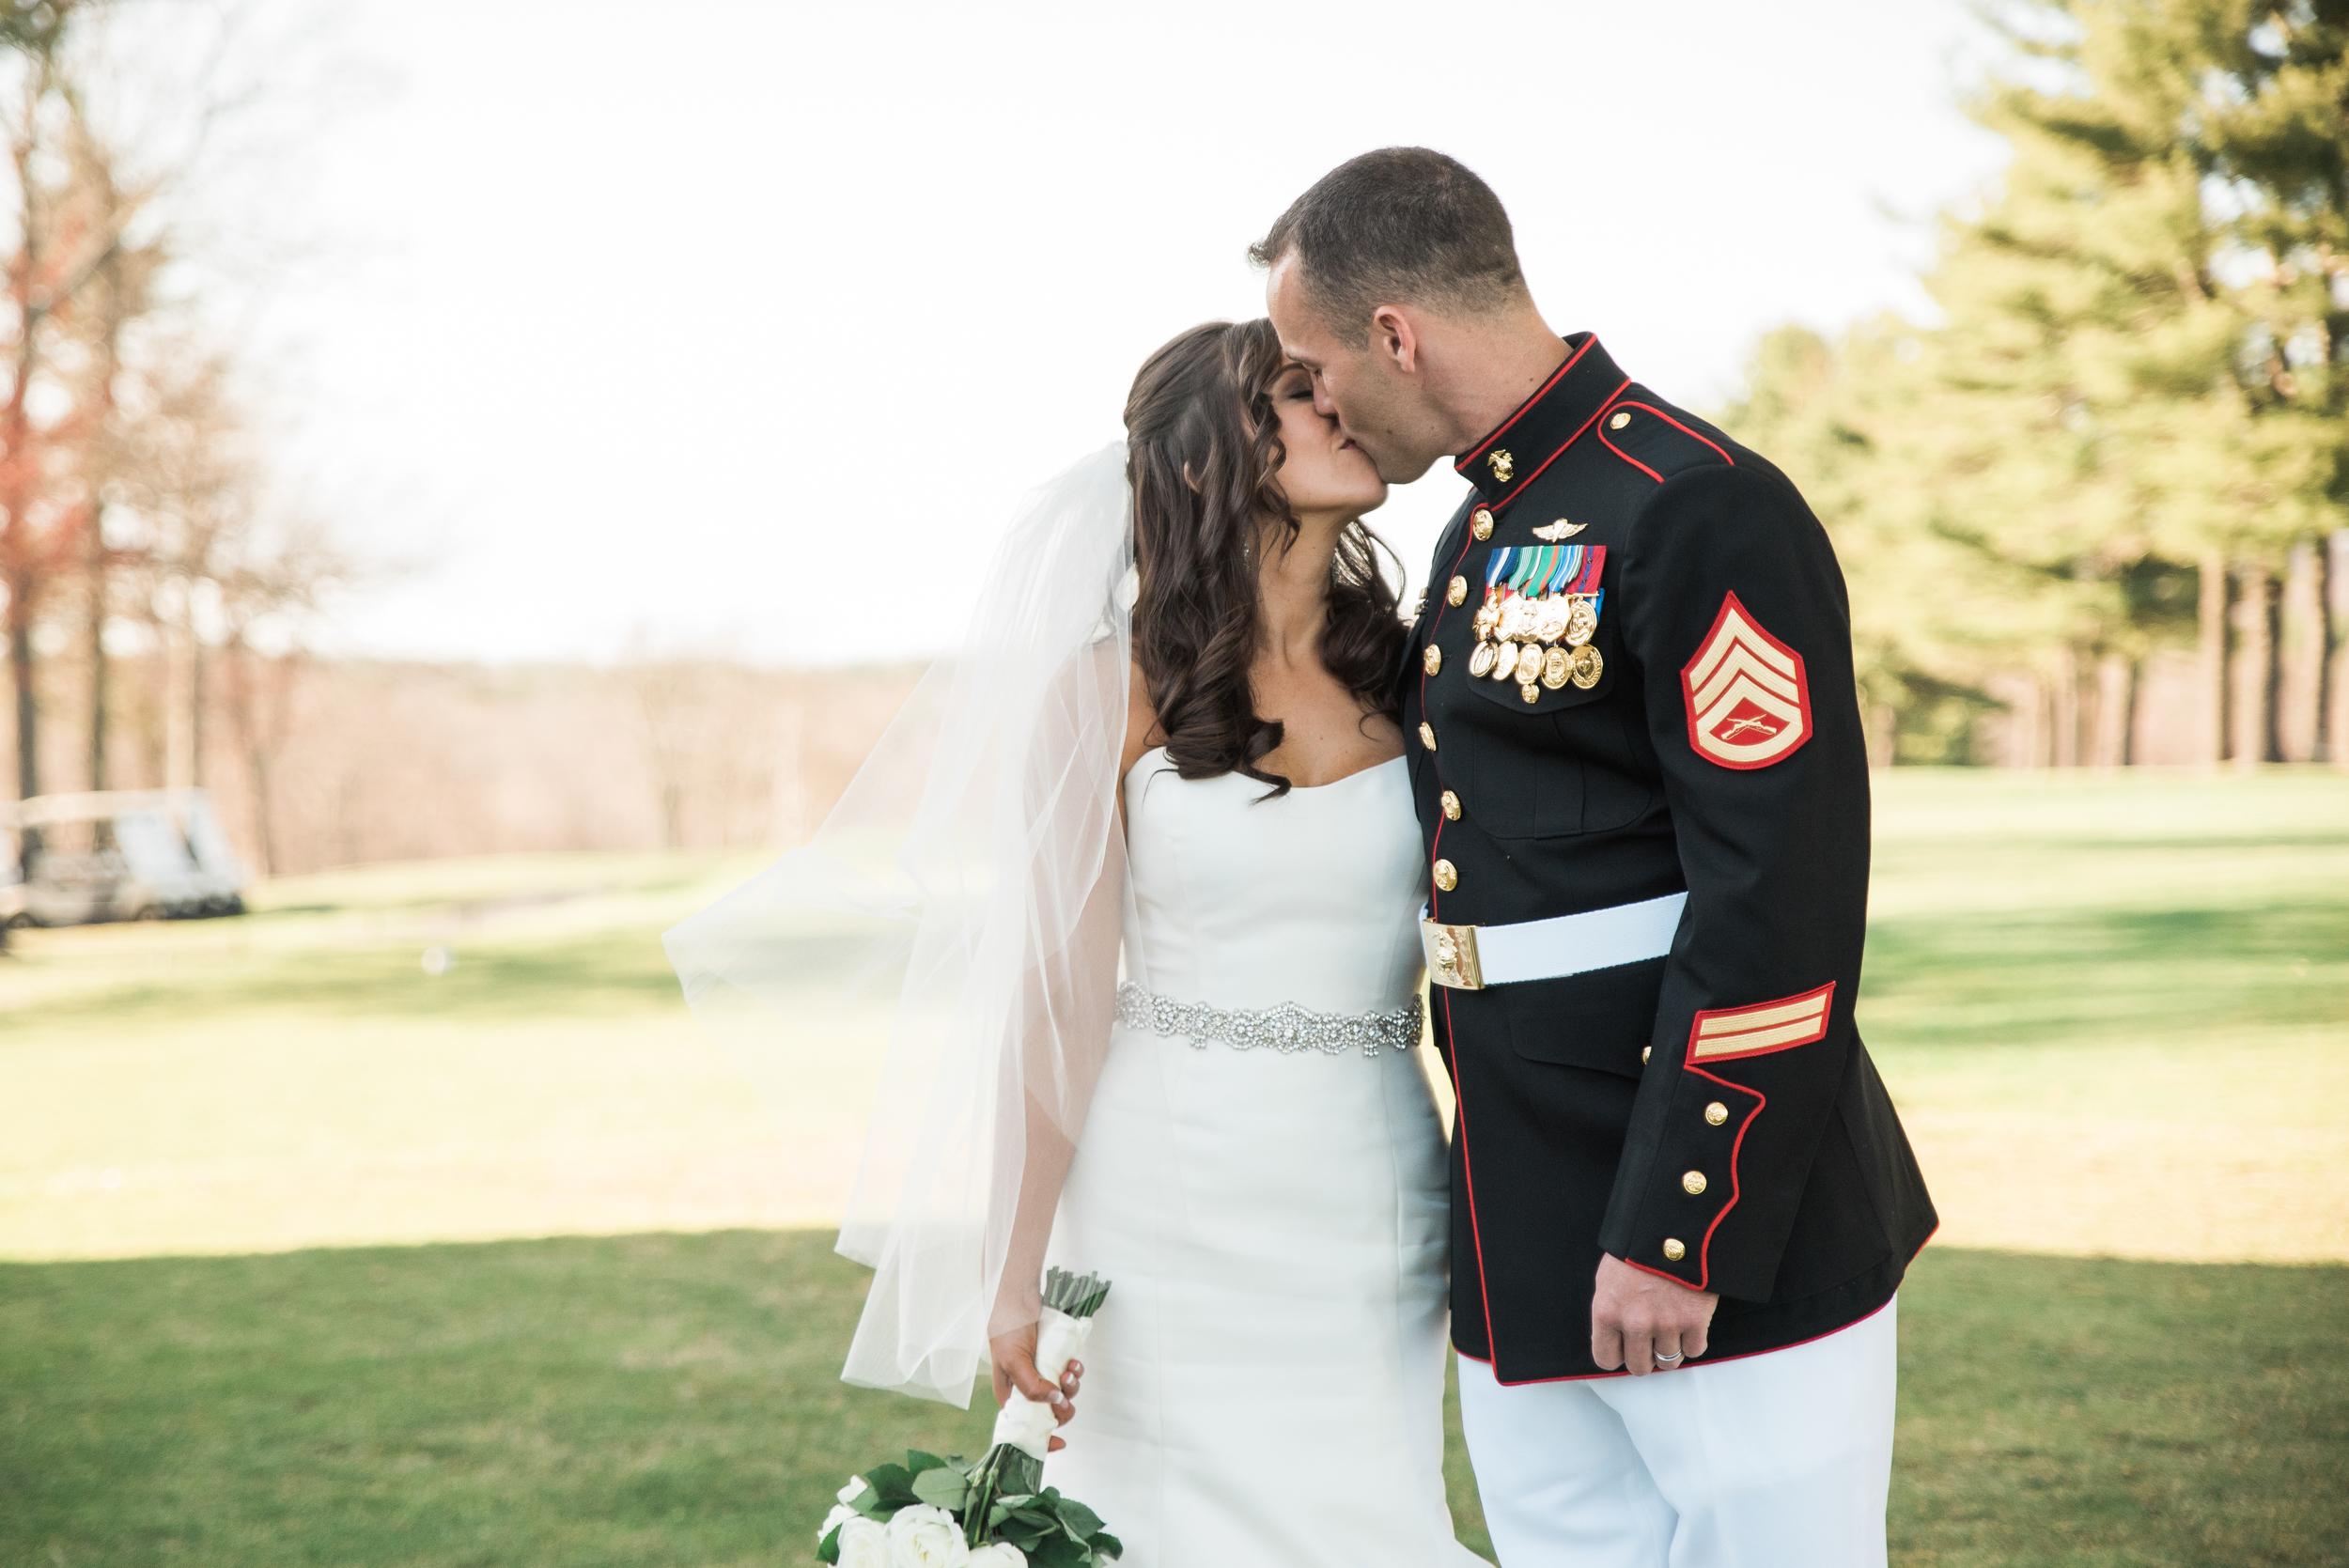 military-wedding-photography-marine-house-of-lubold